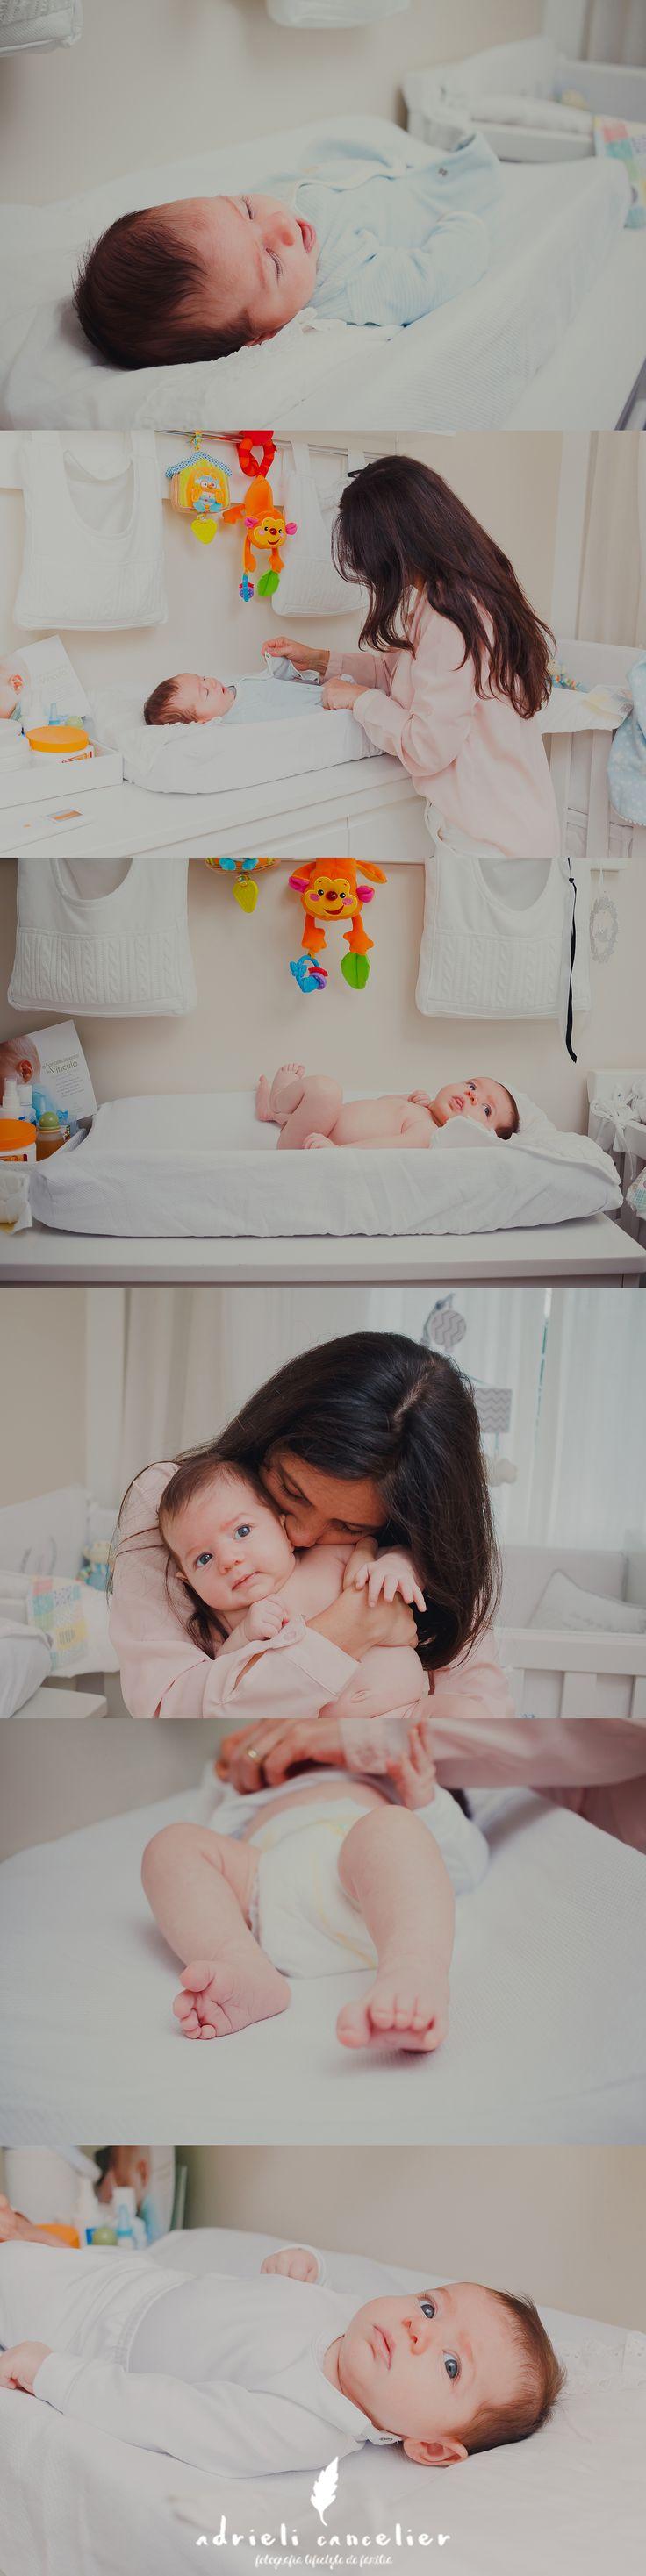 fotografia de recém-nascido em curitiba